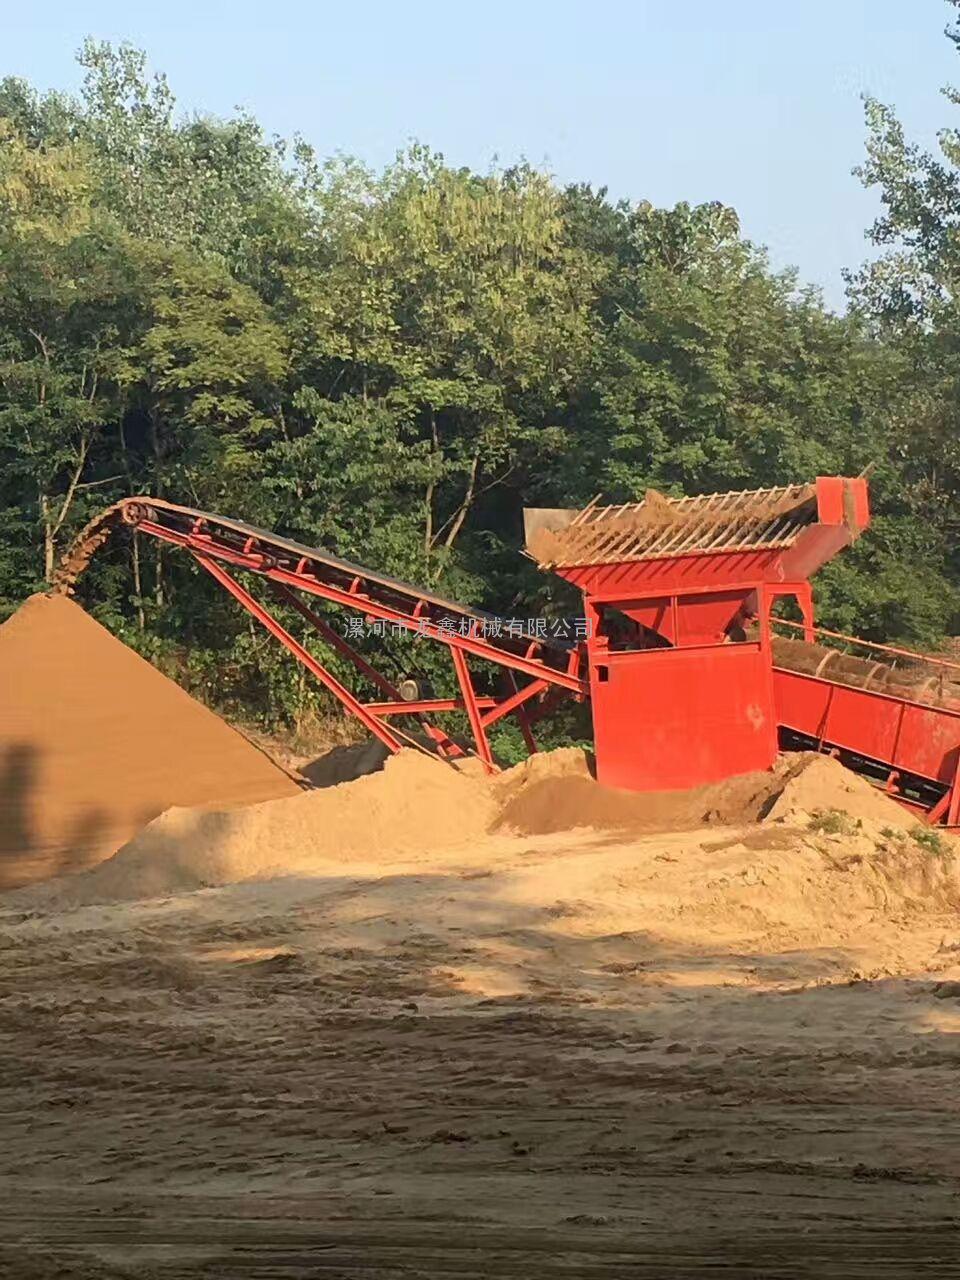 漯河龙鑫筛沙机厂,专业生产各种型号筛沙机,批发价